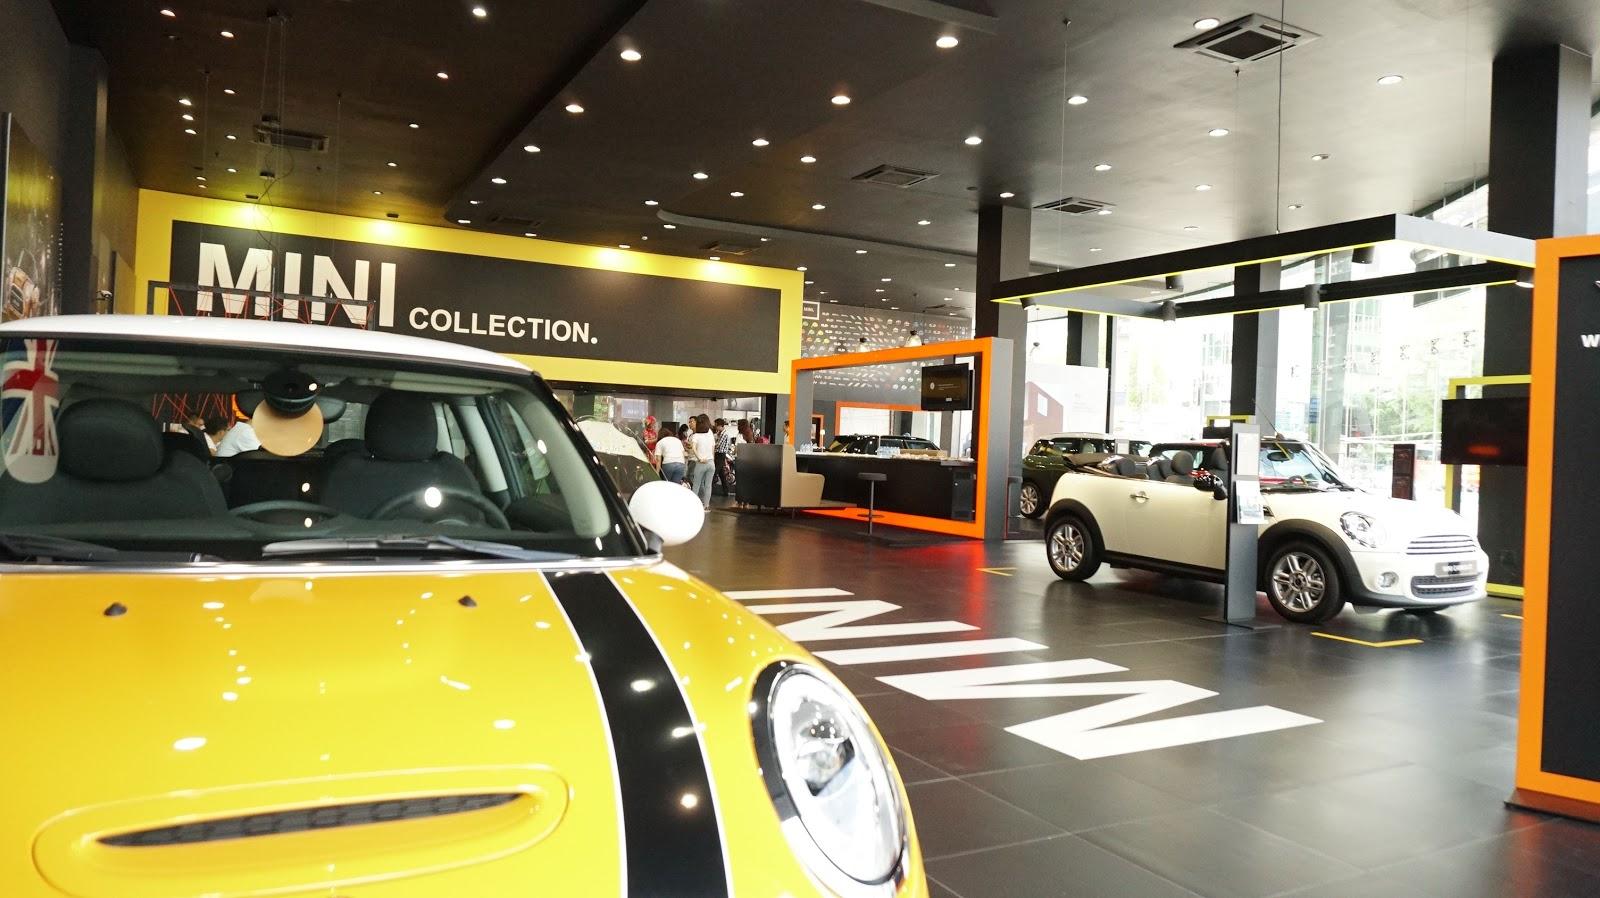 Không gian trưng bày của showroom rộng rãi, ấm cúng, sang trọng